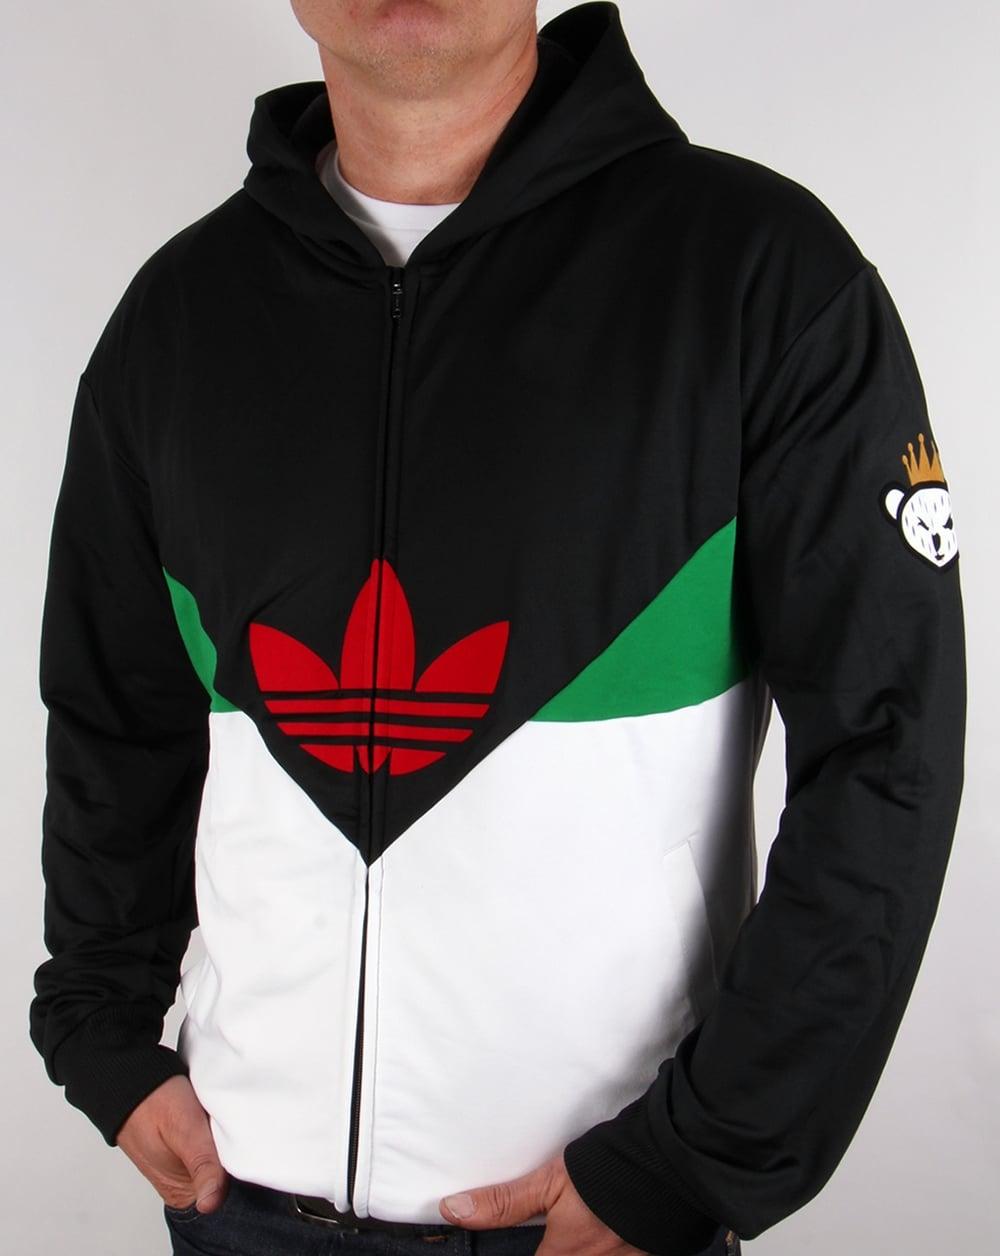 Adidas Originals Colorado Full Zip Hoody Black Track Top